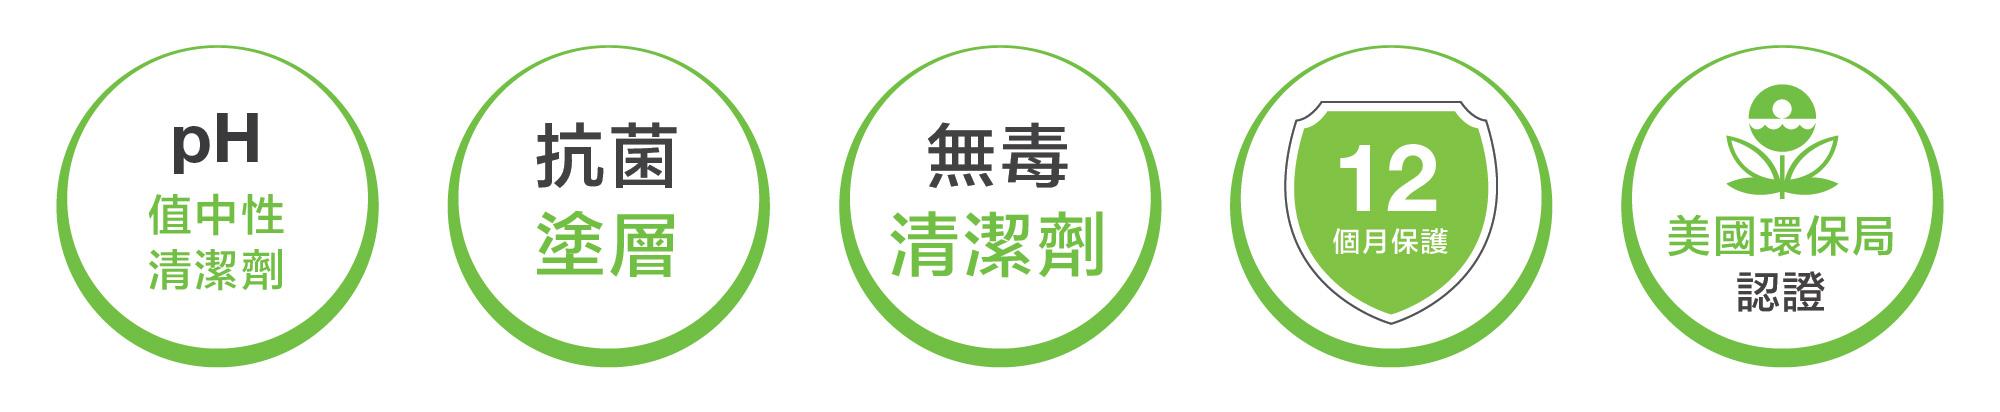 冷氣機、中央冷氣(FCU)及抽濕機清潔及消毒服務 - Johnson Group 莊臣集團: 深層清潔及消毒冷氣、中央冷氣及抽濕機,酵母清潔劑pH值中性、無腐蝕性,對人及環境安全。抗菌塗層經美國環保局(EPA)認證,提供至少12個月保護。